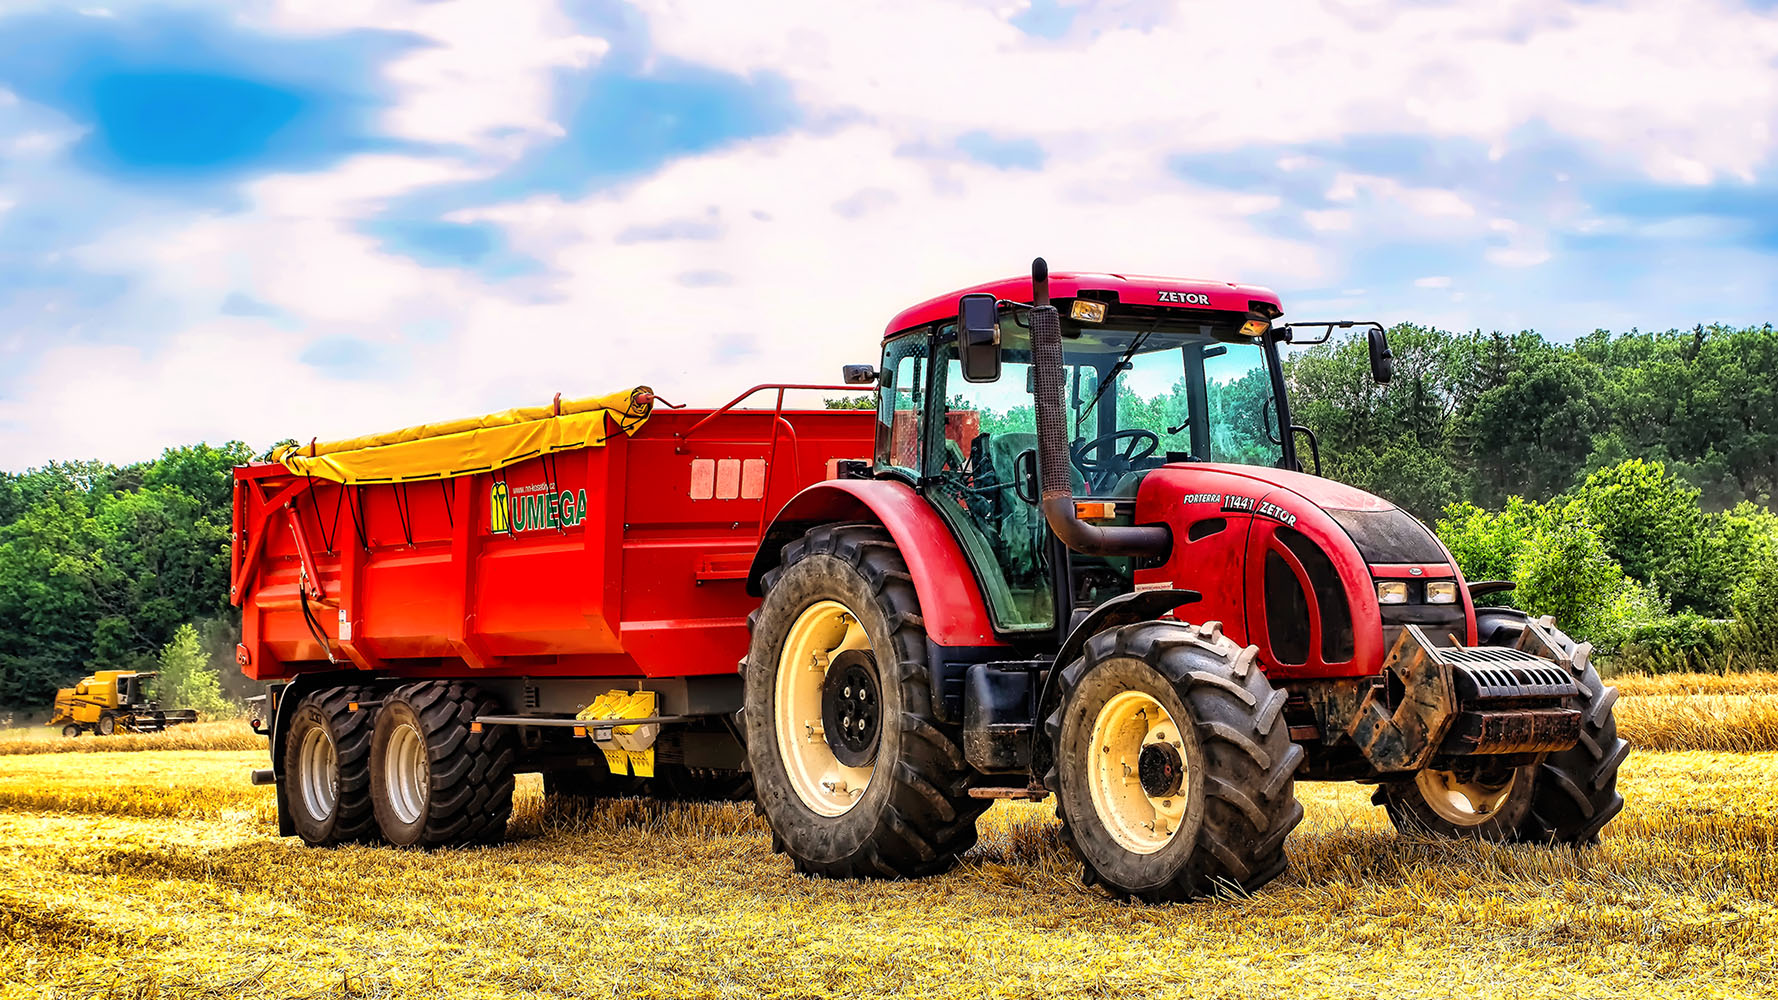 Fotka traktoru Zetor 11441 Fronterra přívěs Umega Jan Stojan Photography ©